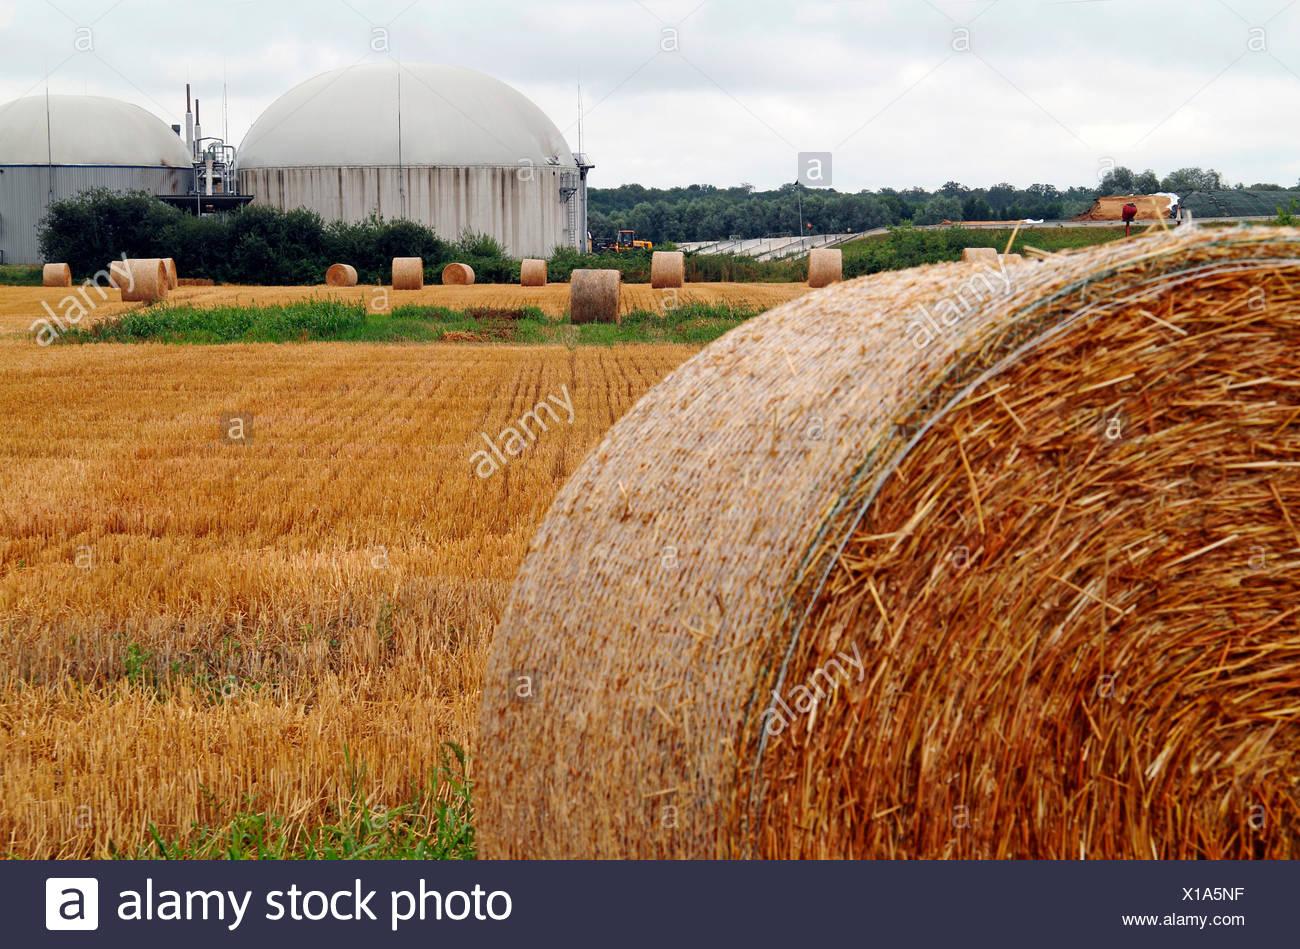 abgeernteten Maisfeld mit Ballen Stroh und Biogas-Anlage in den Hintergrund, Deutschland, Baden-Württemberg, Kehl Stockbild